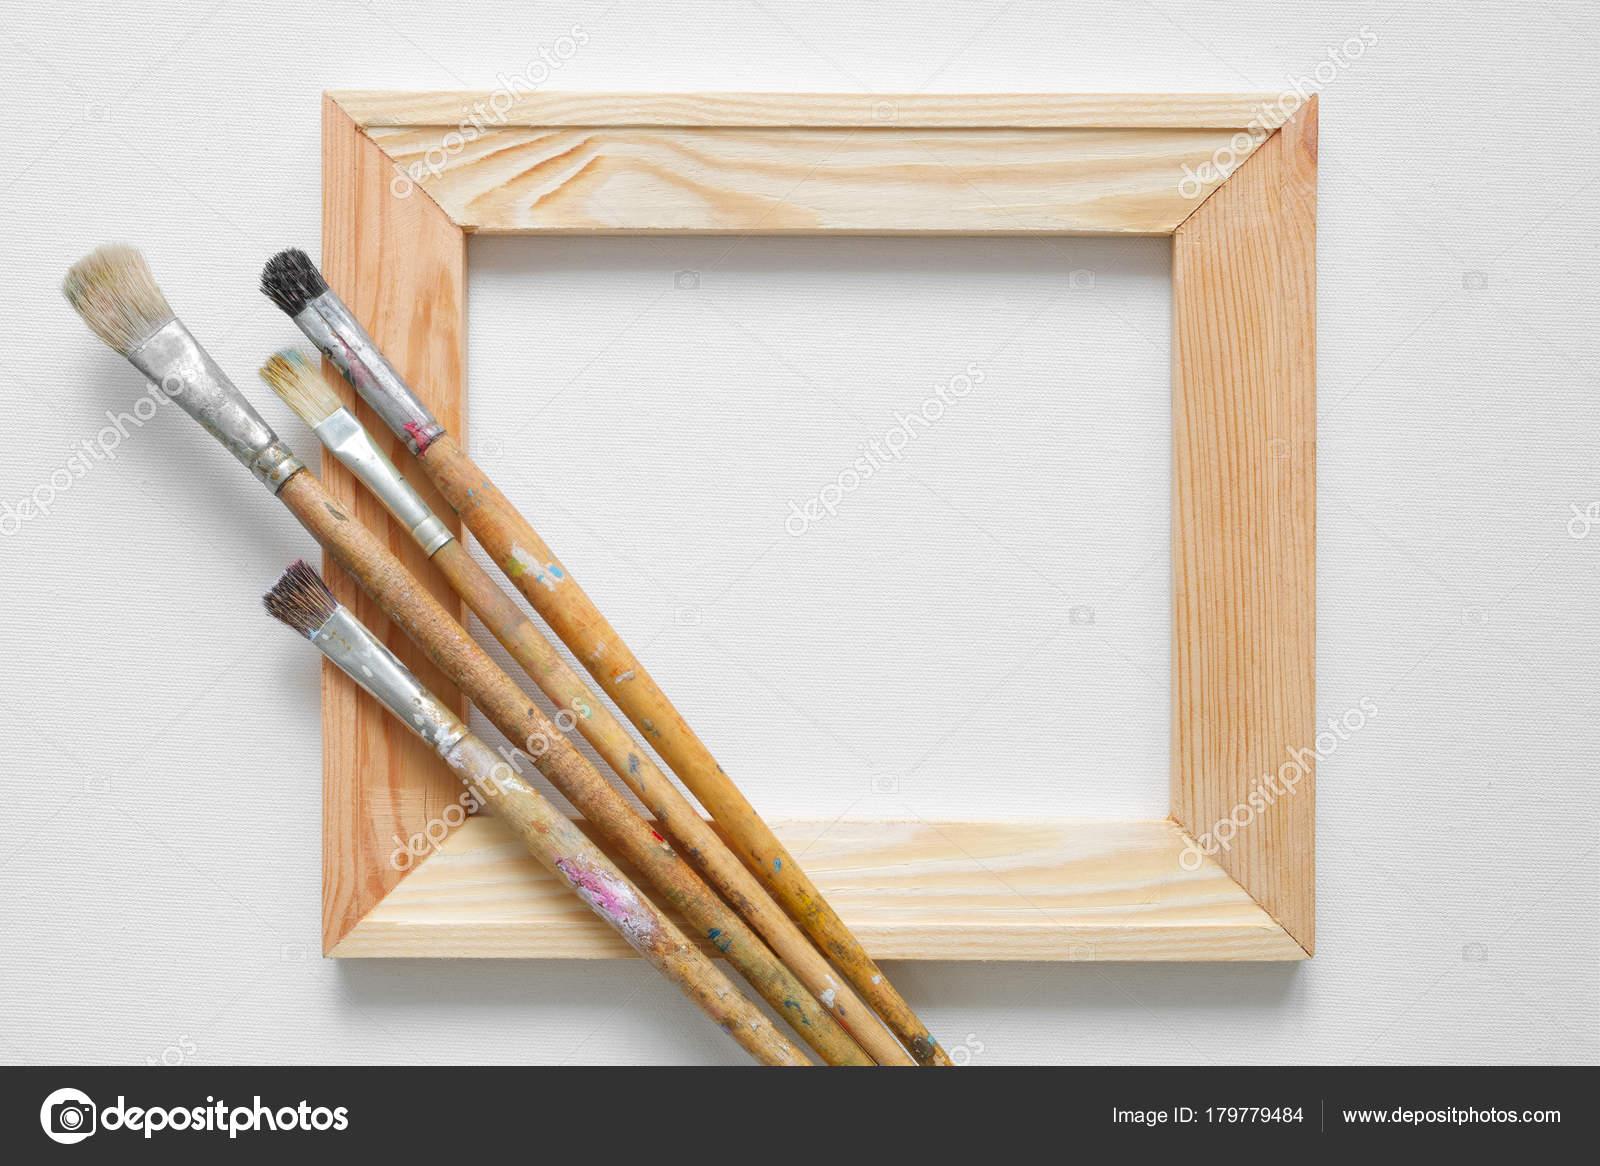 Barra de madera camilla y pinceles de artista blanco de lona fondo ...